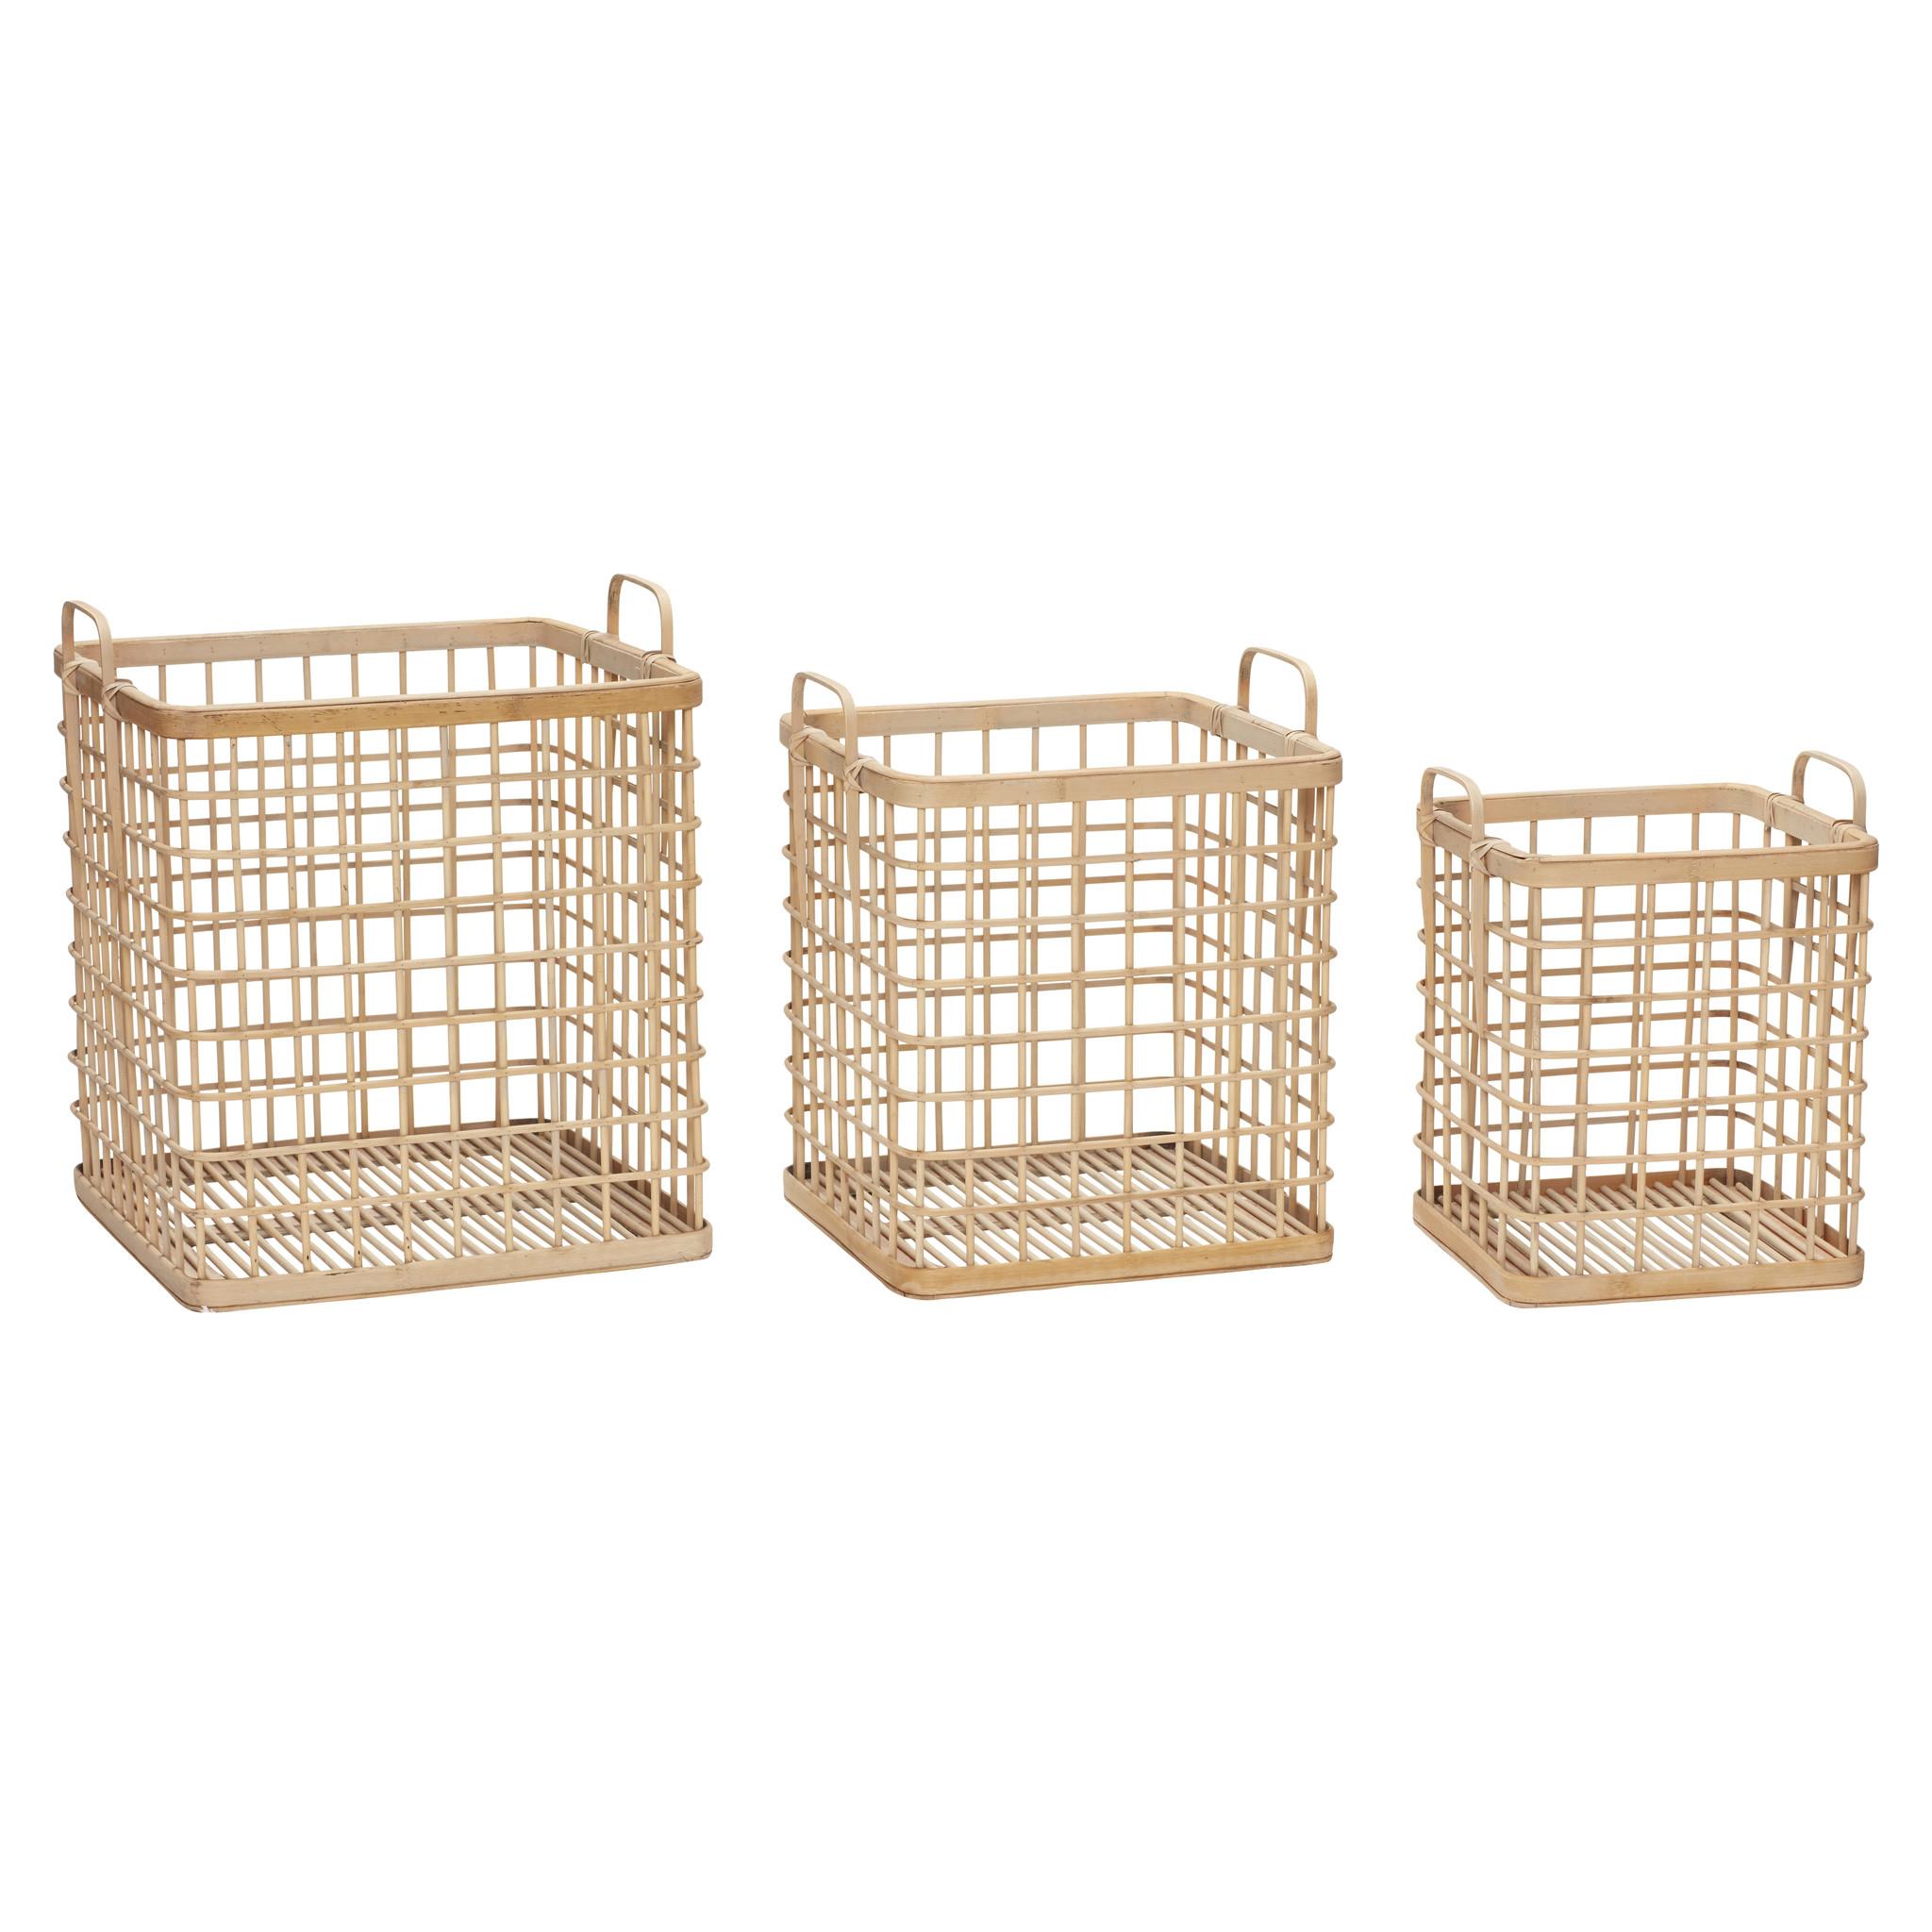 Hubsch Mand met handvat, vierkant, bamboe, natuur, set van 3-30407-5712772058220